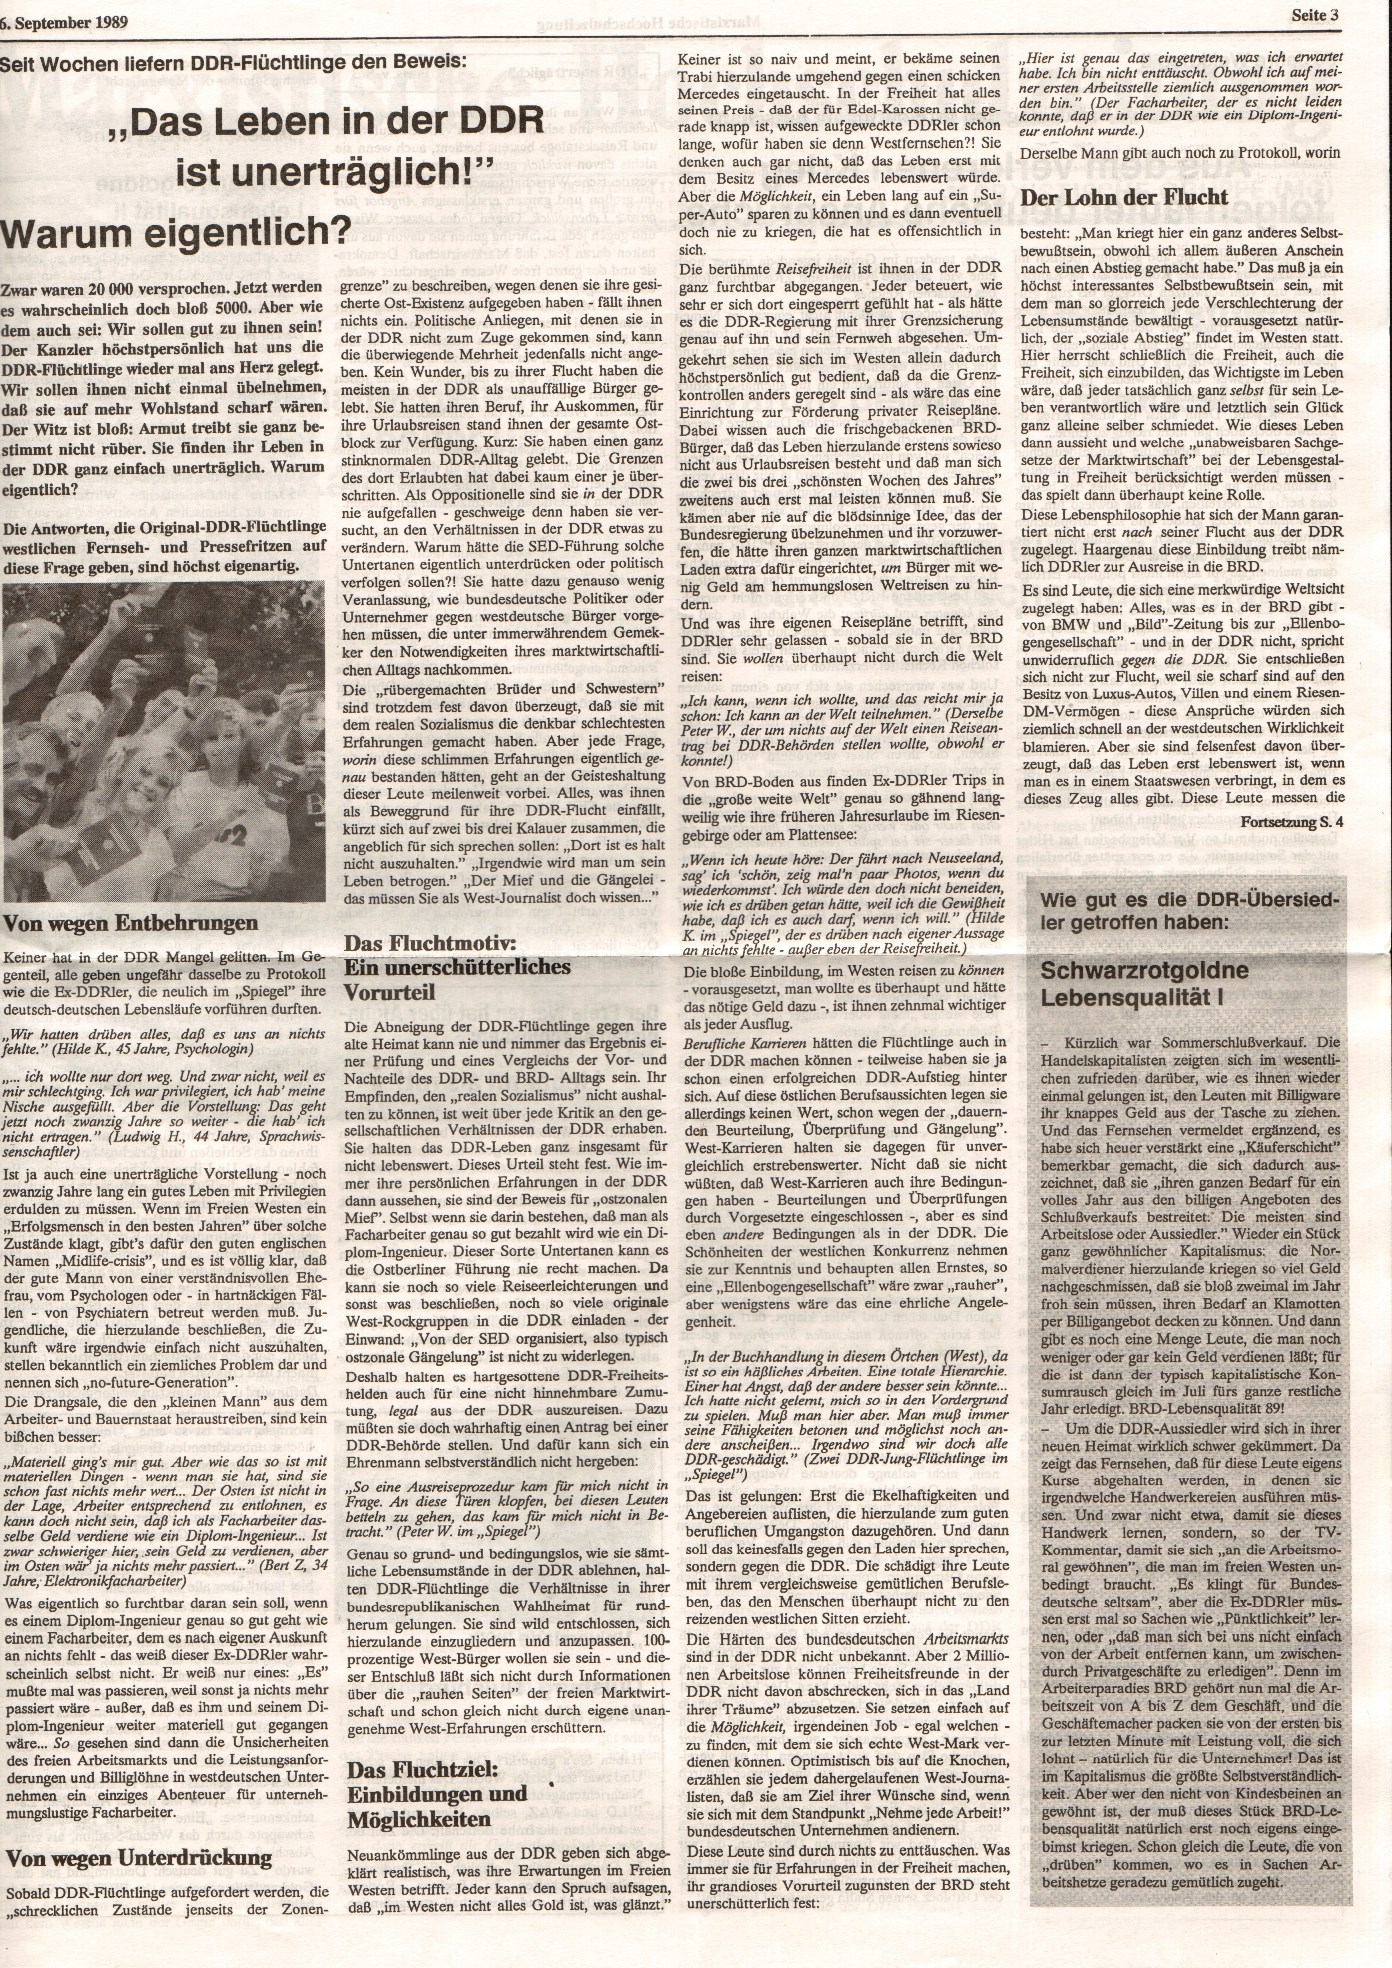 Ruhrgebiet_MG_Marxistische_Hochschulzeitung_19890906_03